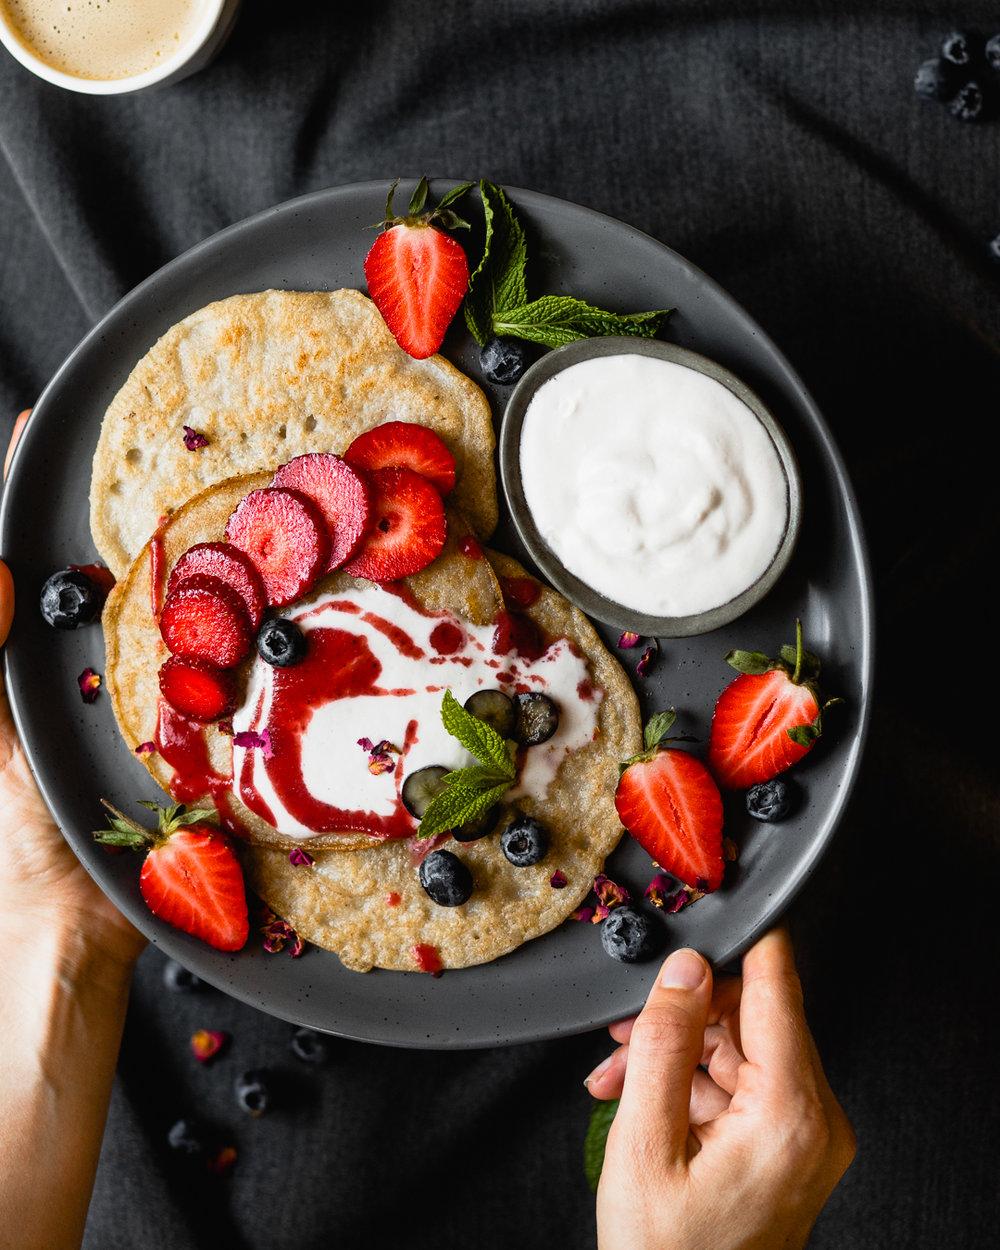 4_Ingredient_EggFree_Fermented_Pancakes_by_Jordan_Pie_Nutritionist_Photographer-1.jpg